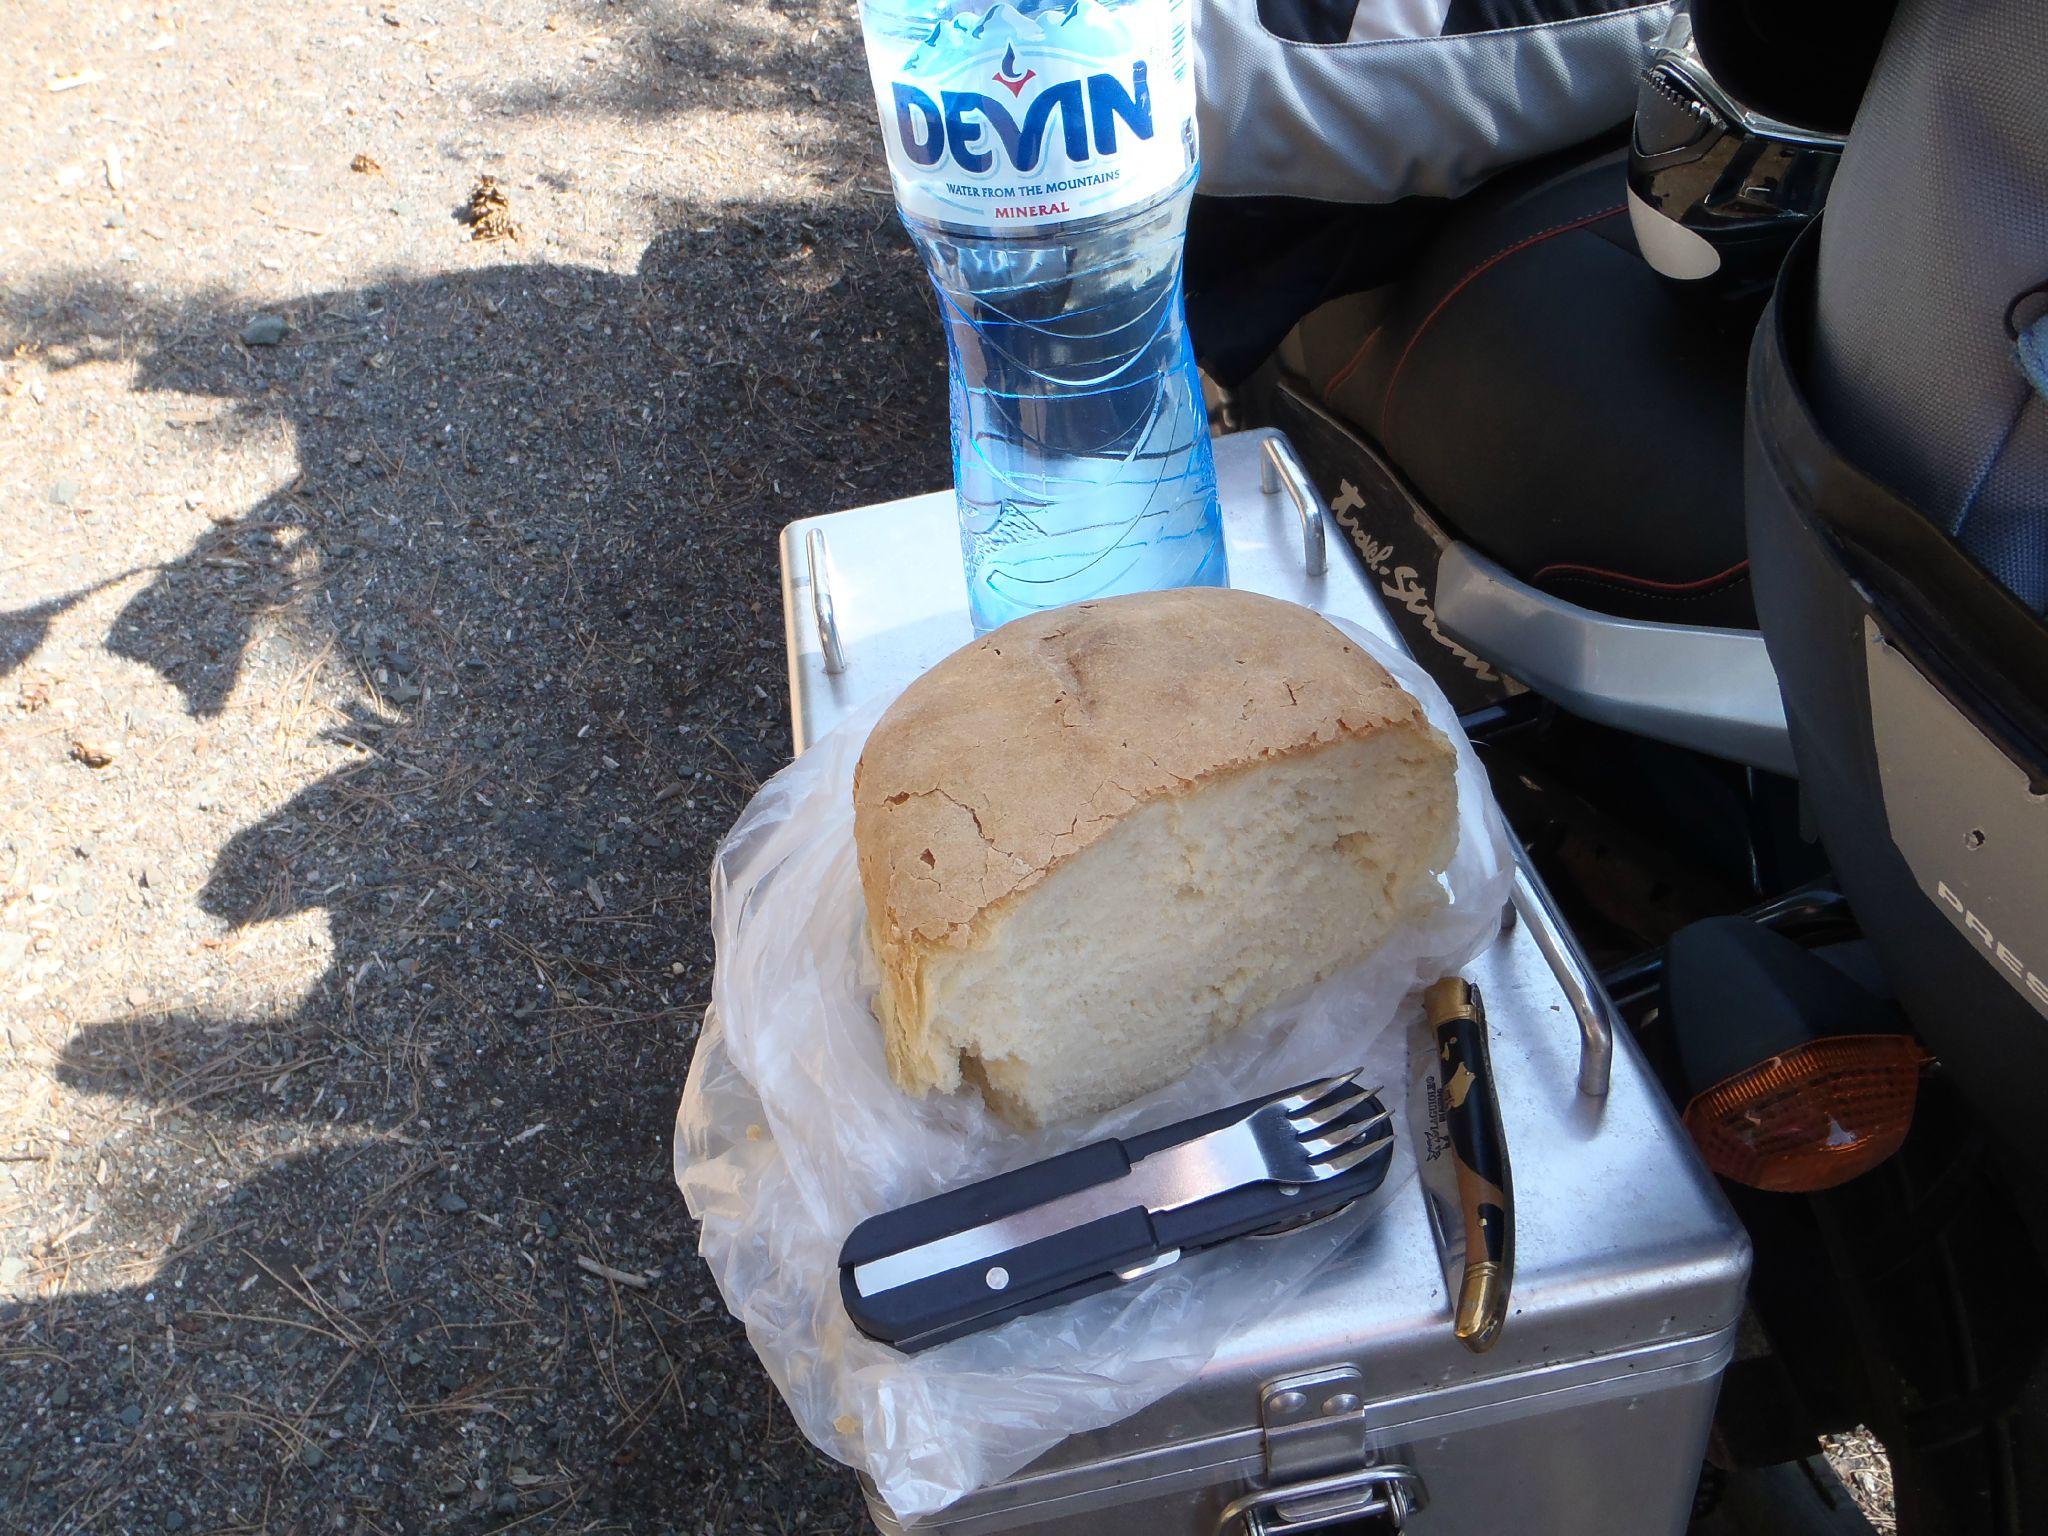 bulgarie - un bonne miche de pain et de l'eau pour un dejeuner